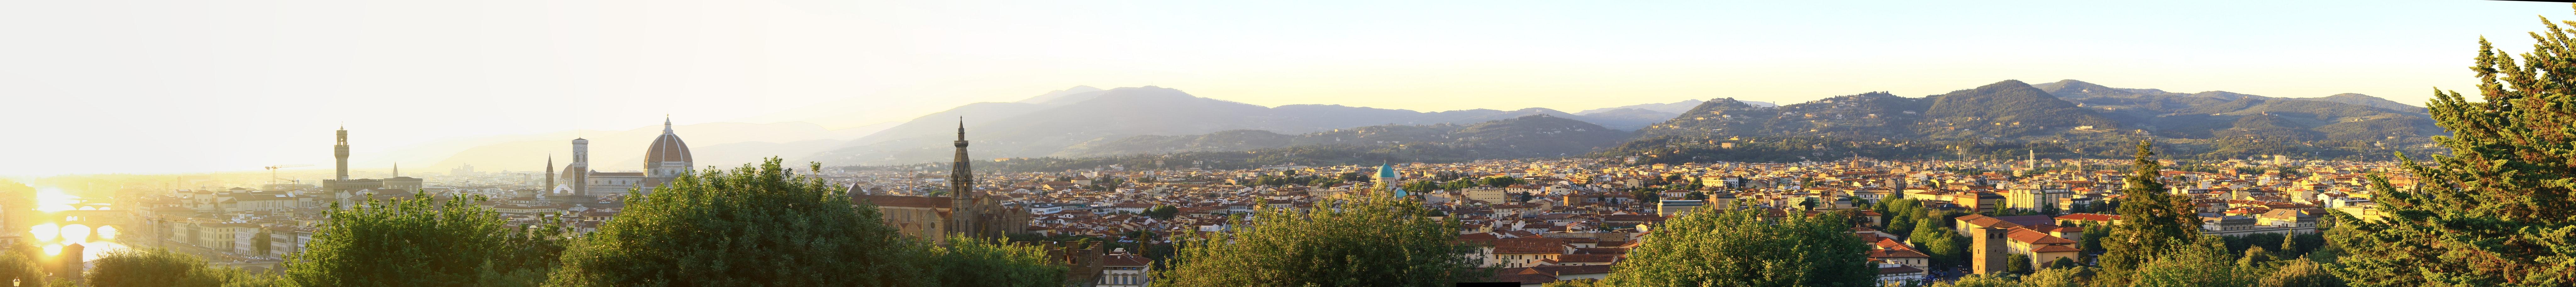 Panoramic shot of city photo